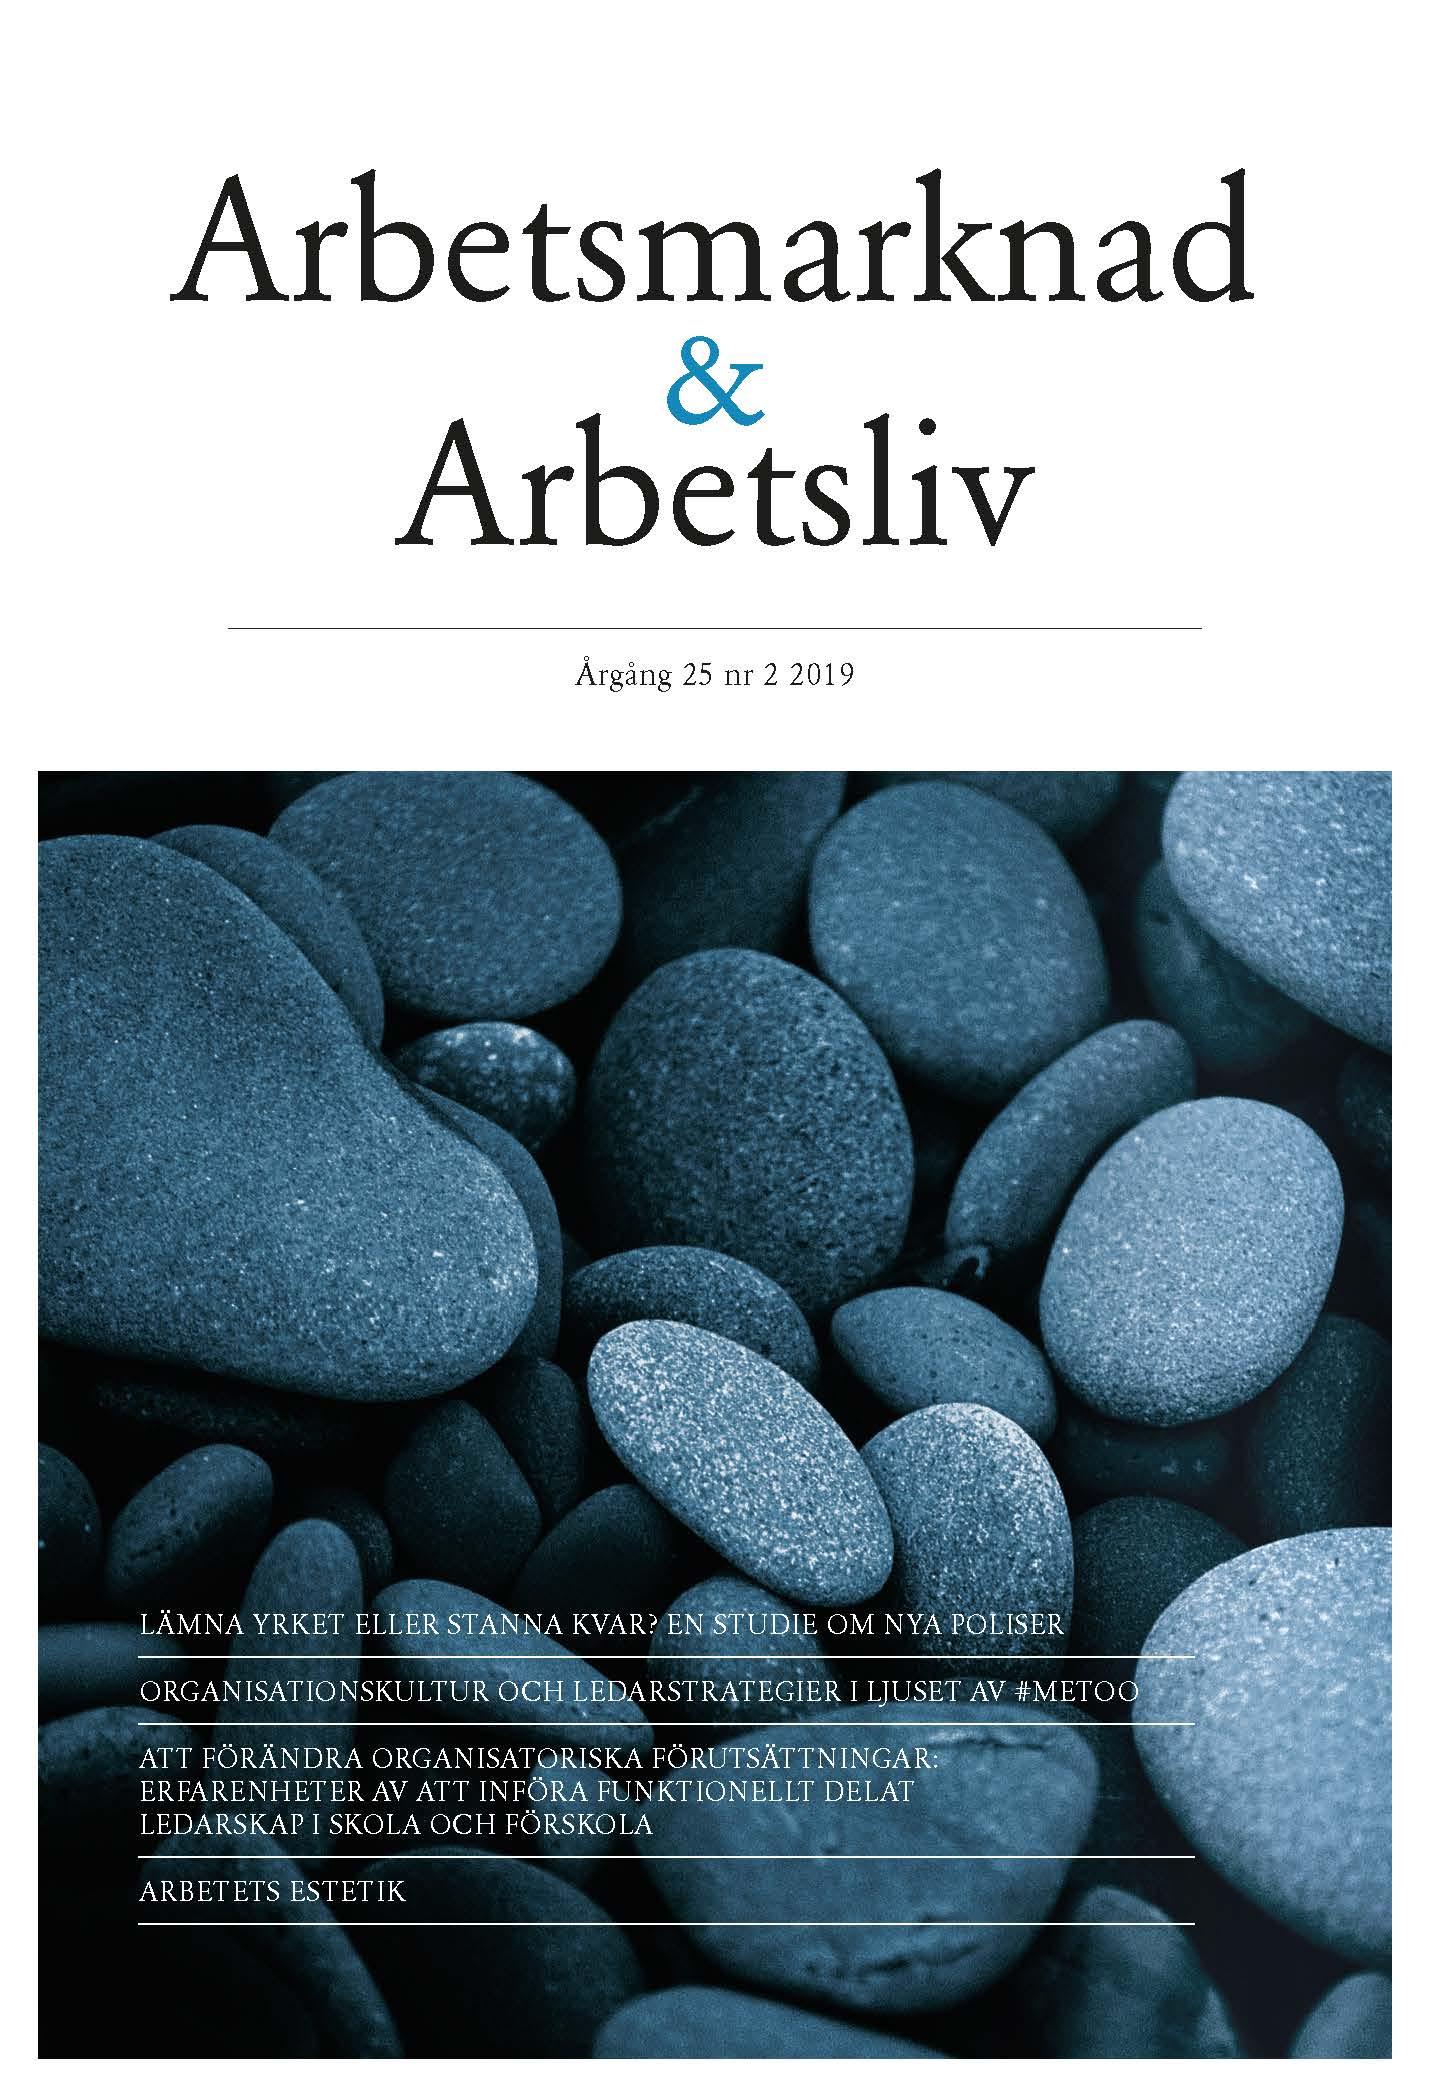 Visa Vol 25 Nr 2 (2019): Arbetsmarknad & Arbetsliv